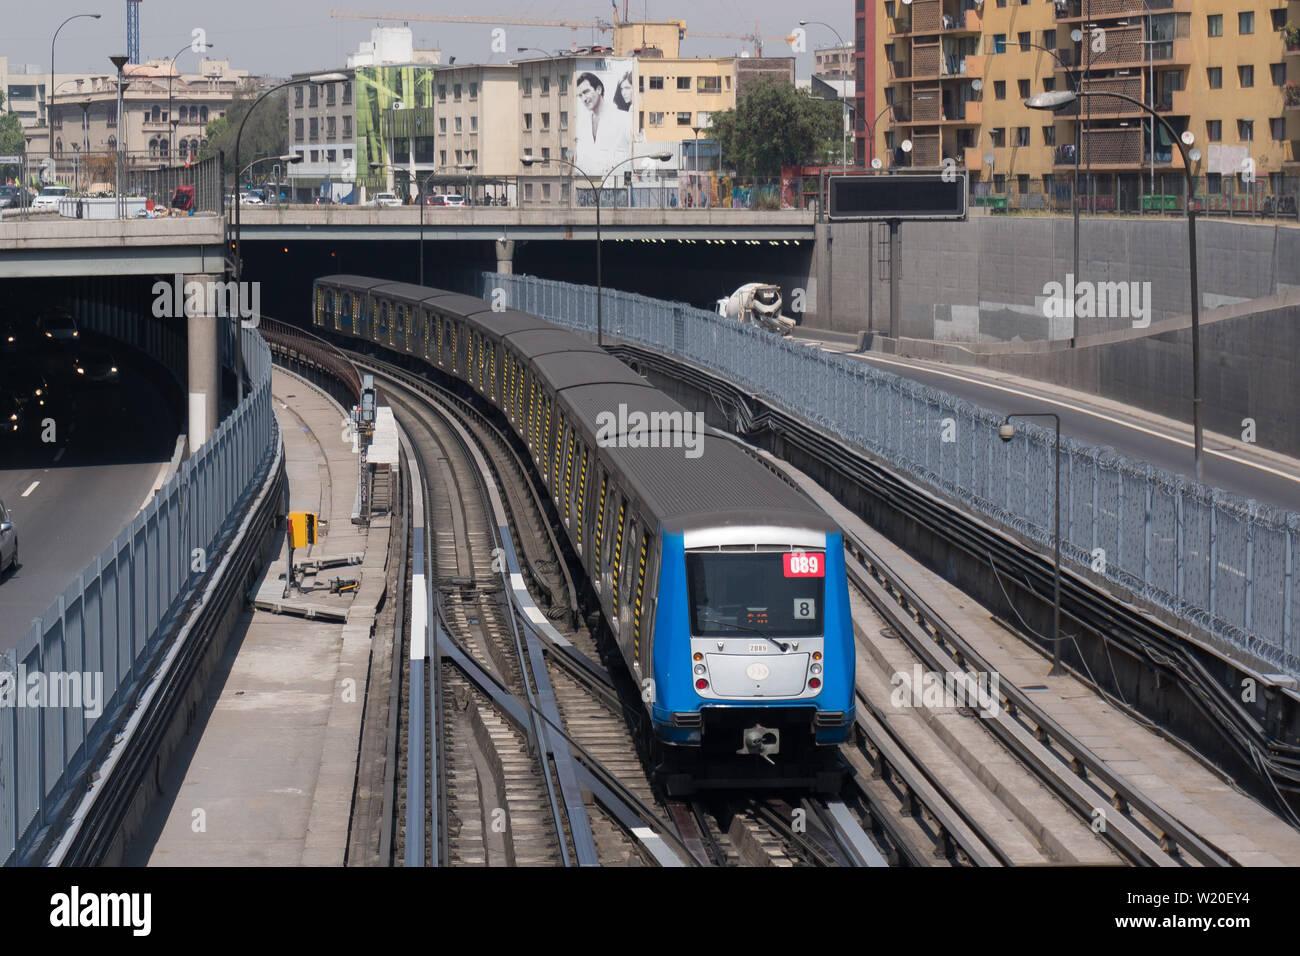 SANTIAGO, CHILE - OCTOBER 2015: A Santiago Metro train entering Los